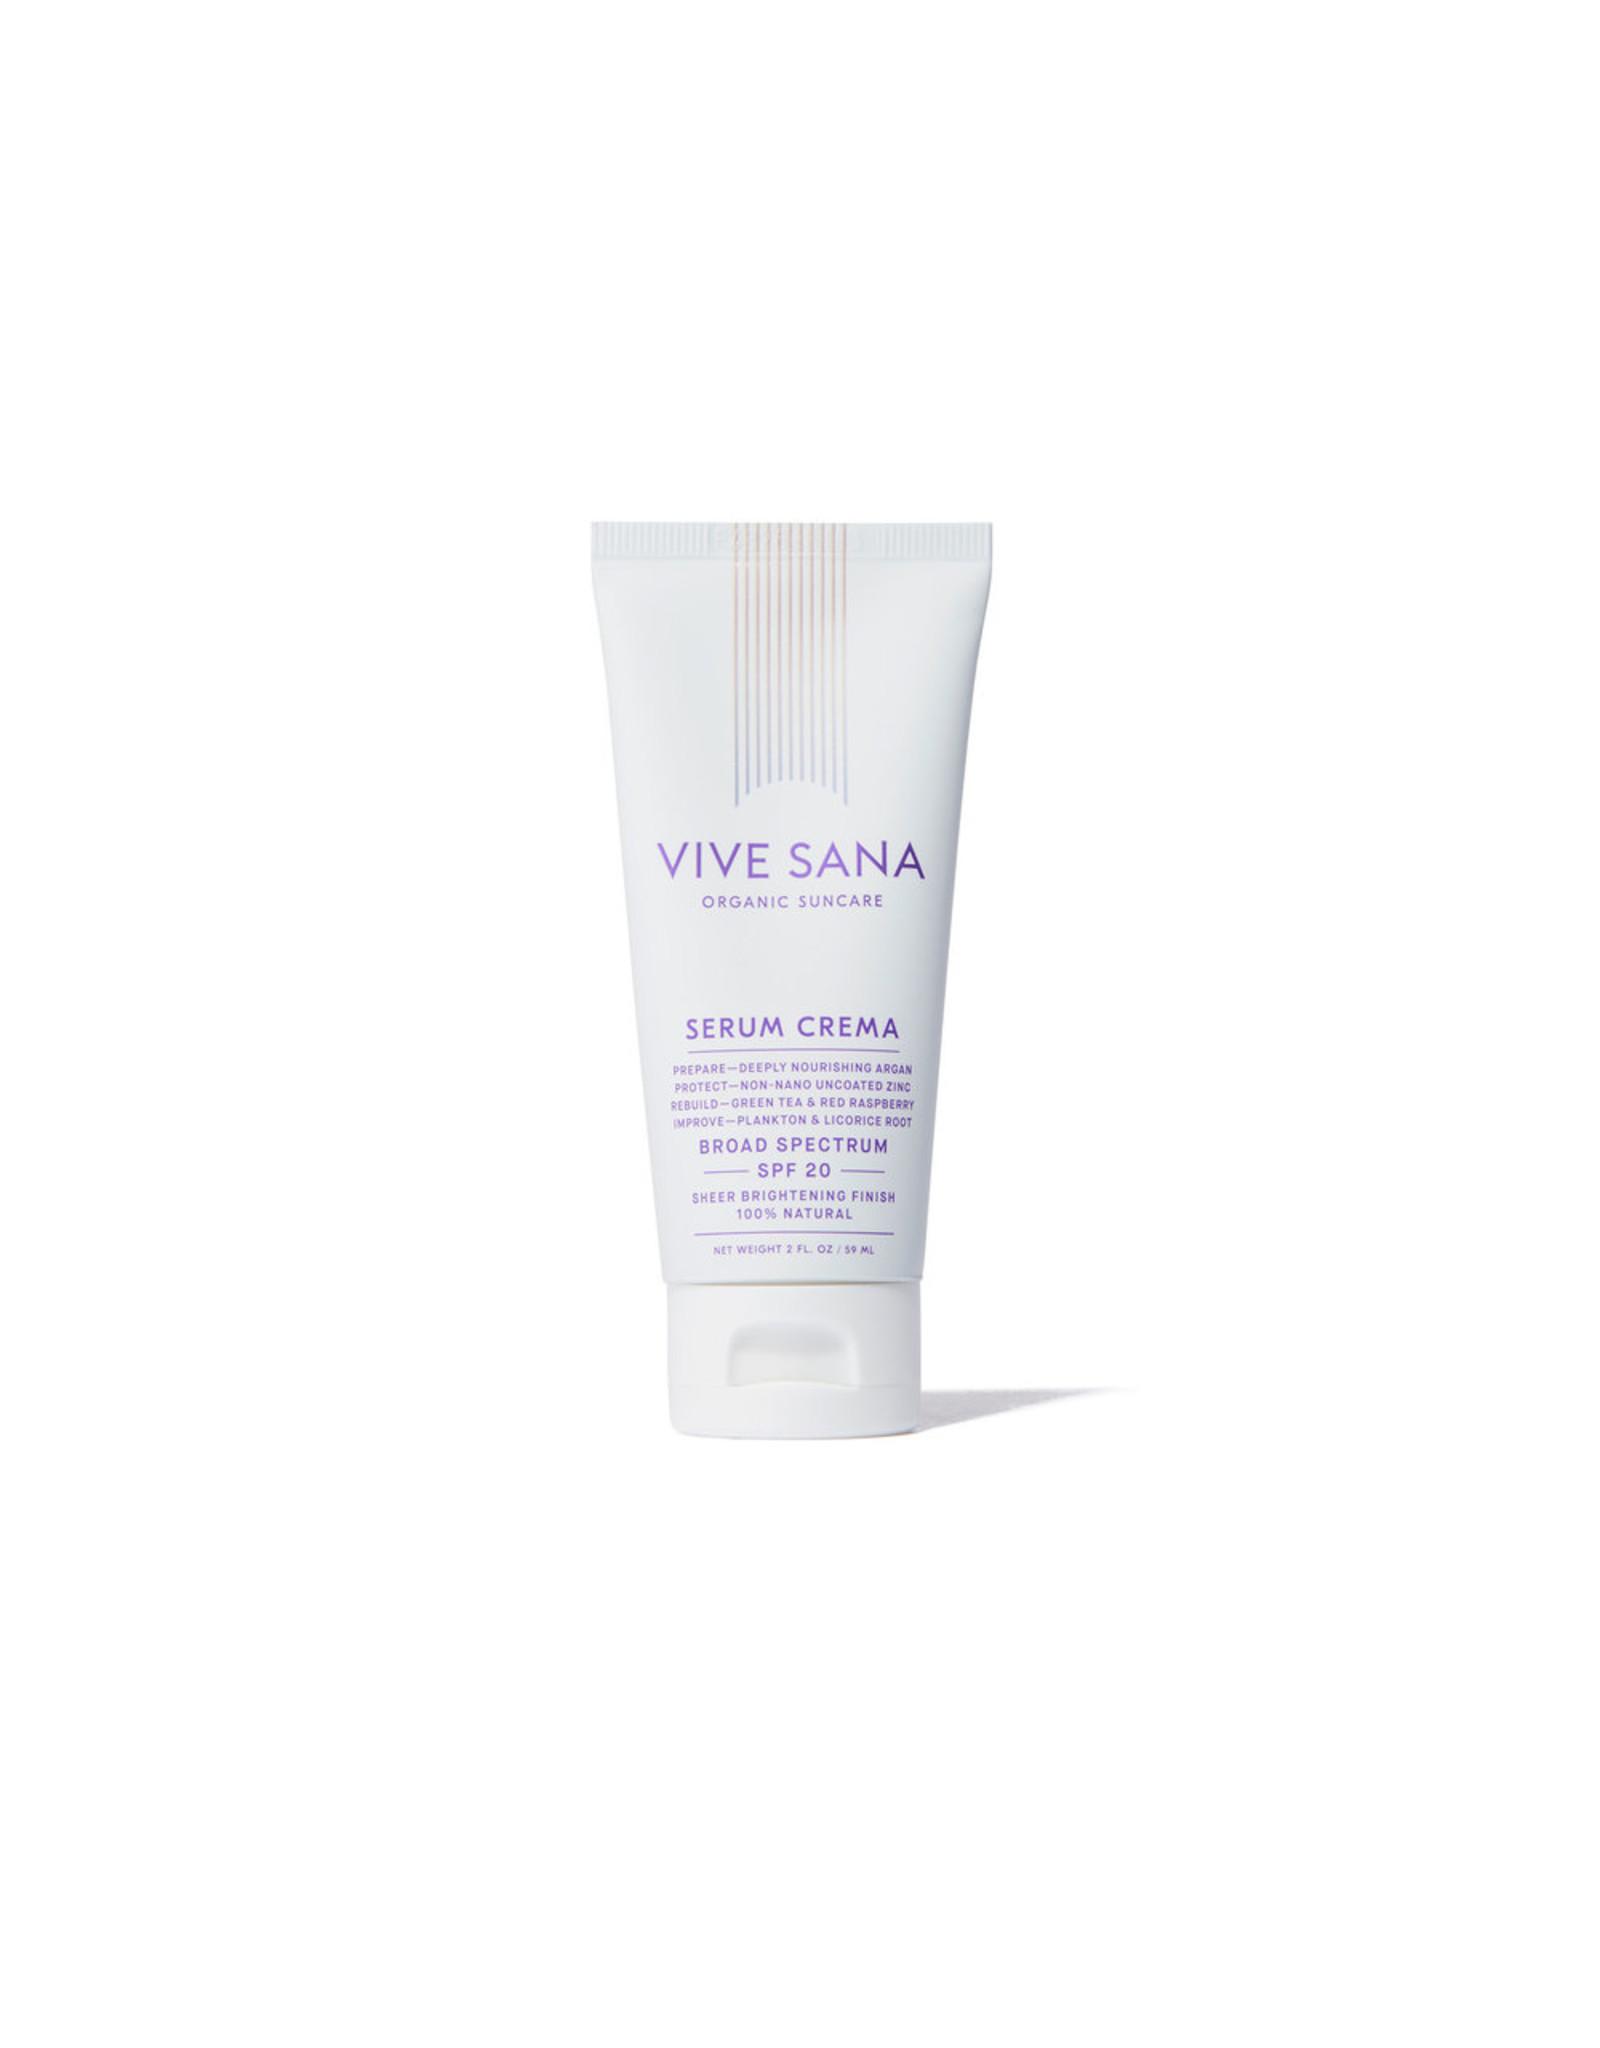 Vive Sana Serum Crema SPF 20